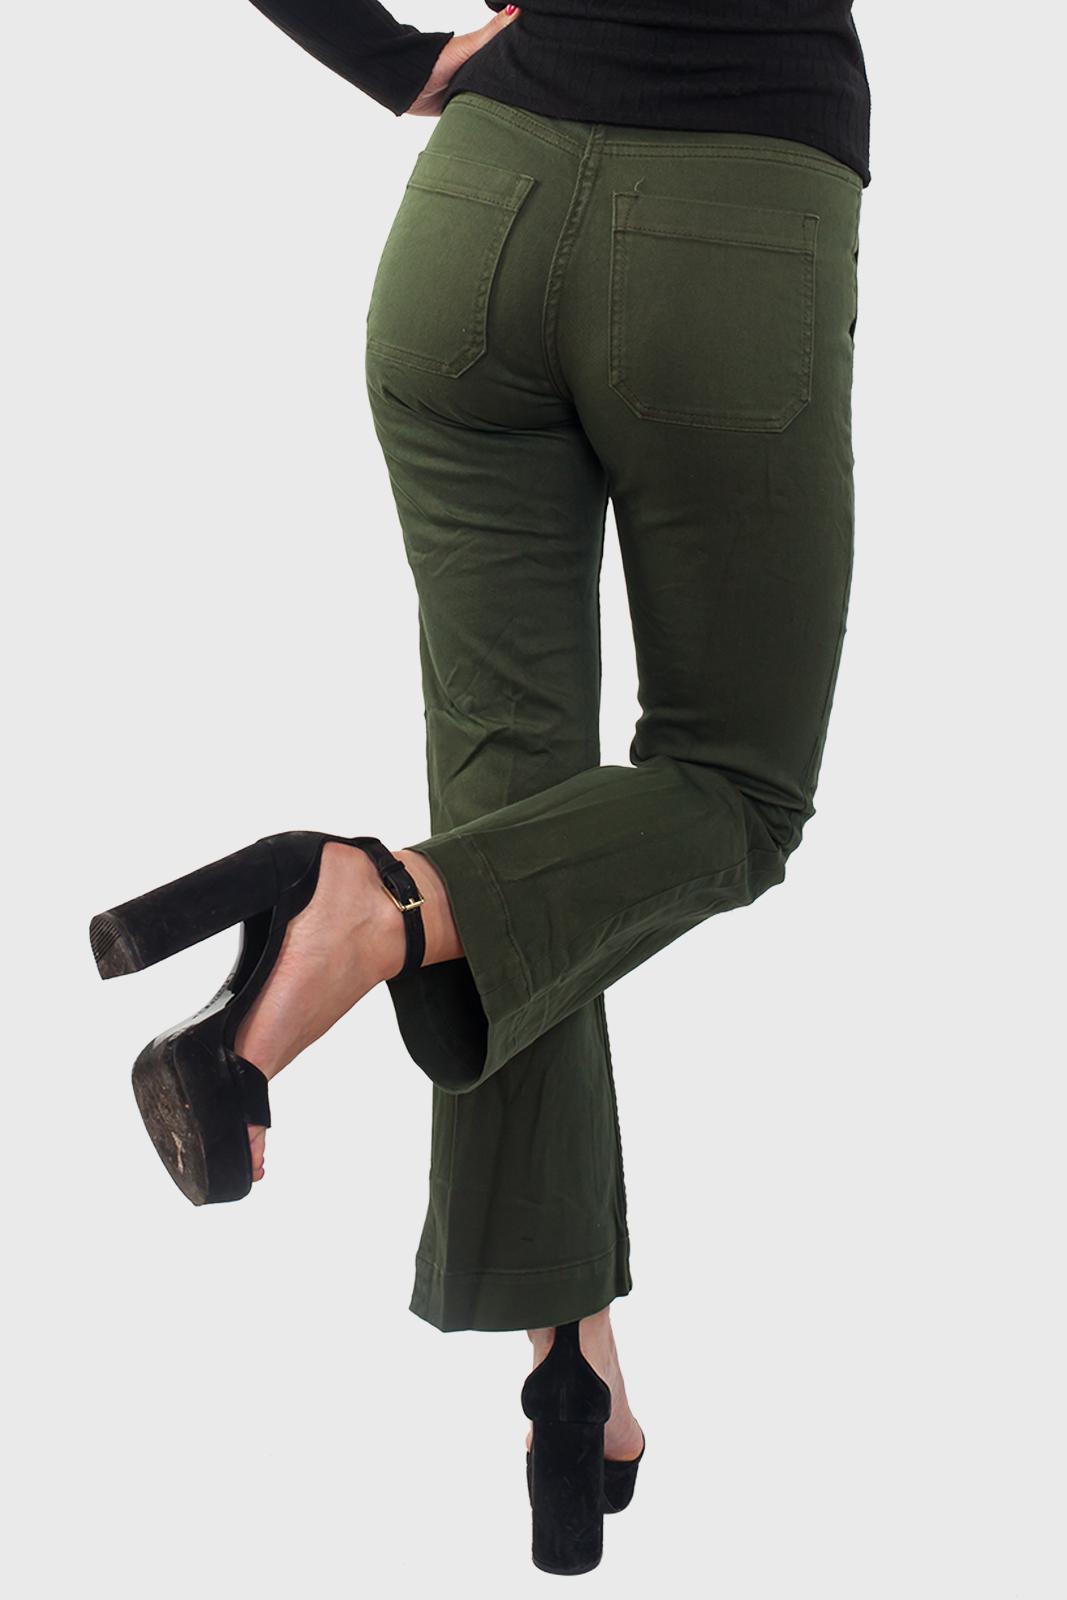 Женские джинсы цвета хаки по доступной цене